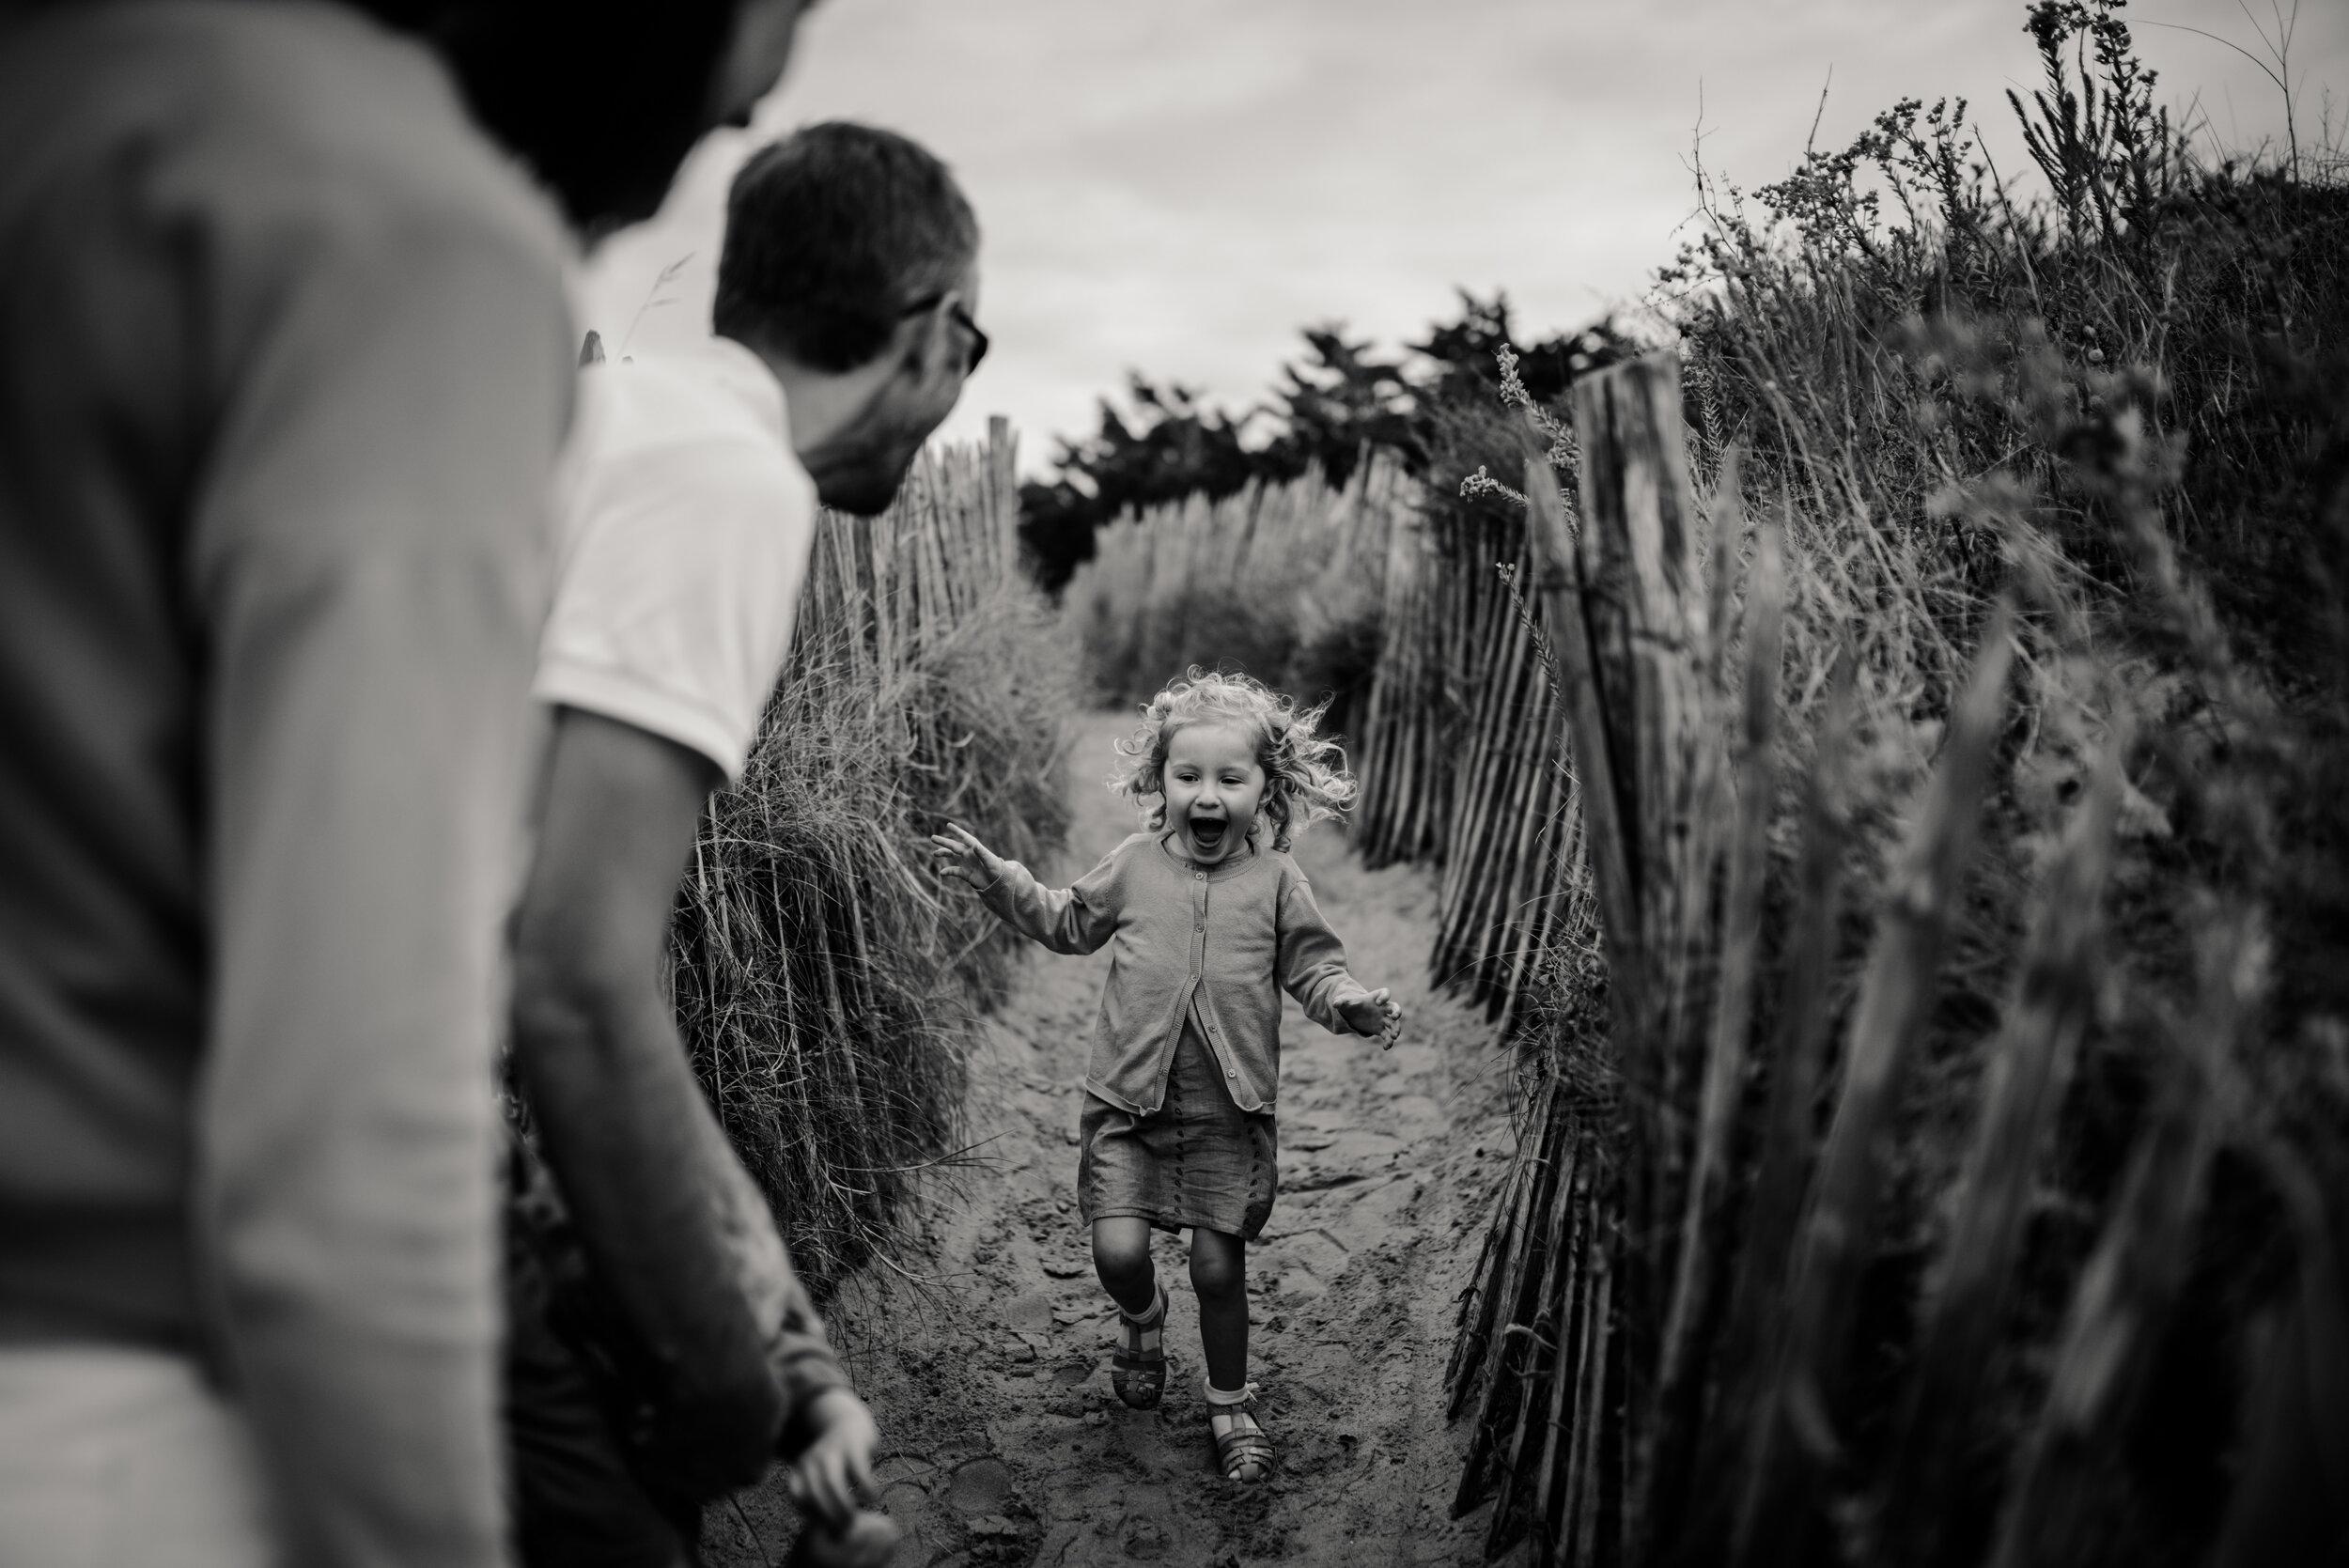 Léa-Fery-photographe-professionnel-lyon-rhone-alpes-portrait-creation-mariage-evenement-evenementiel-famille-2664.jpg